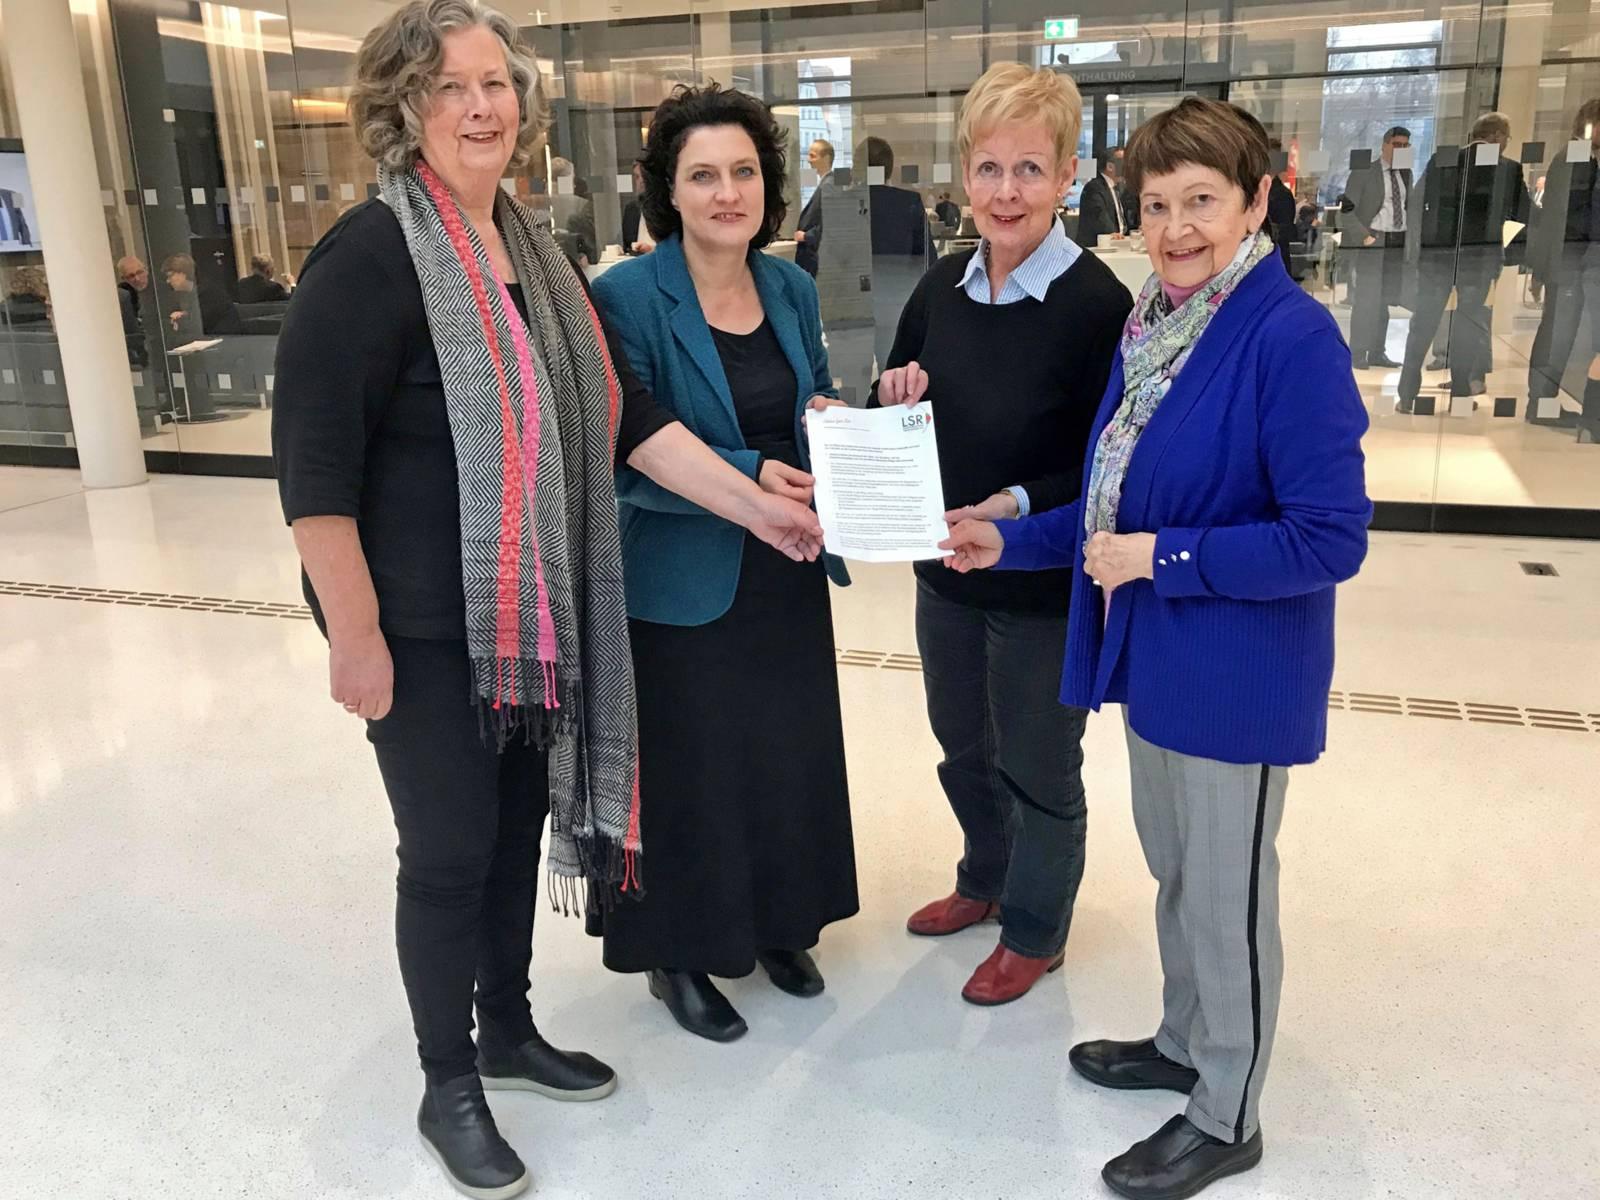 Gruppenaufnahme: Drei Frauen übergeben der Niedersächsischen Ministerin für Soziales, Gesundheit und Gleichstellung, Frau Dr. Carola Reimann, ein Papier.